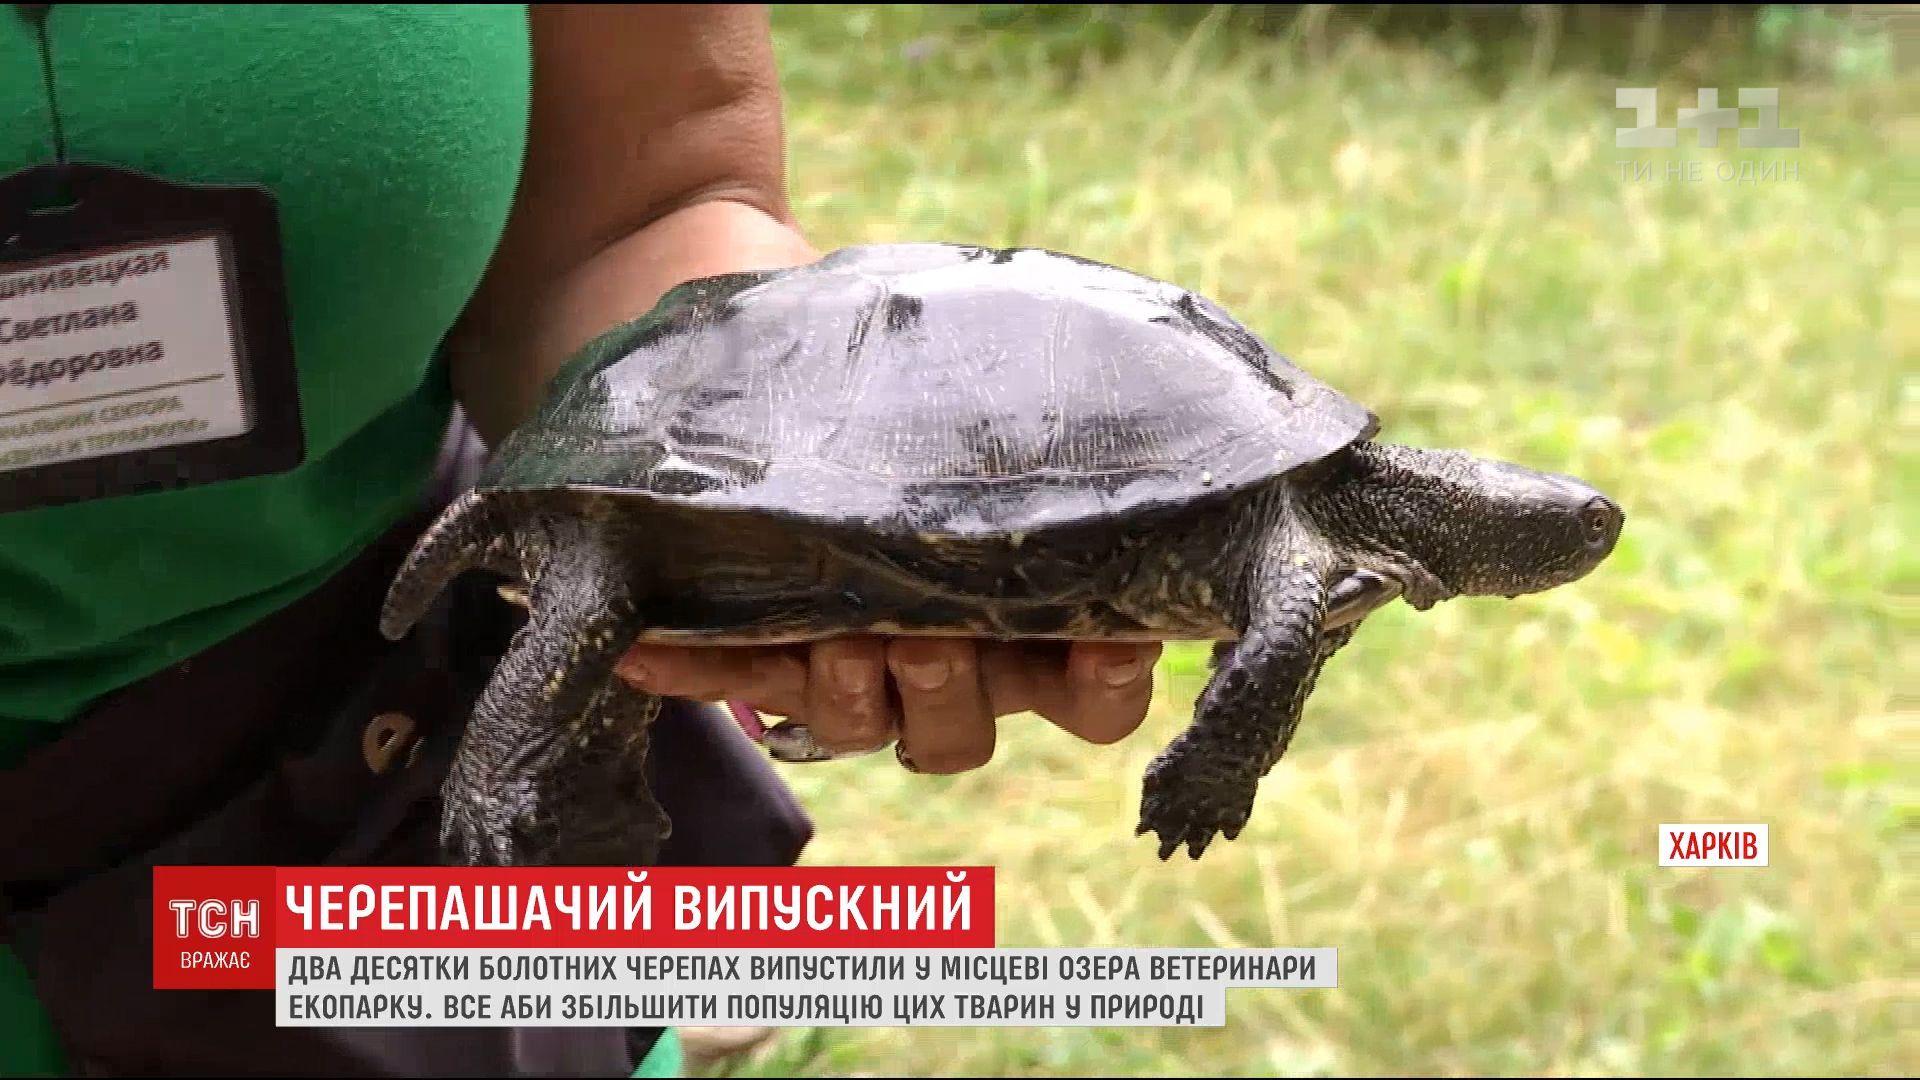 В экопарке черепахи живут в искусственных озерах, где питаются только полезной пищей / скриншот